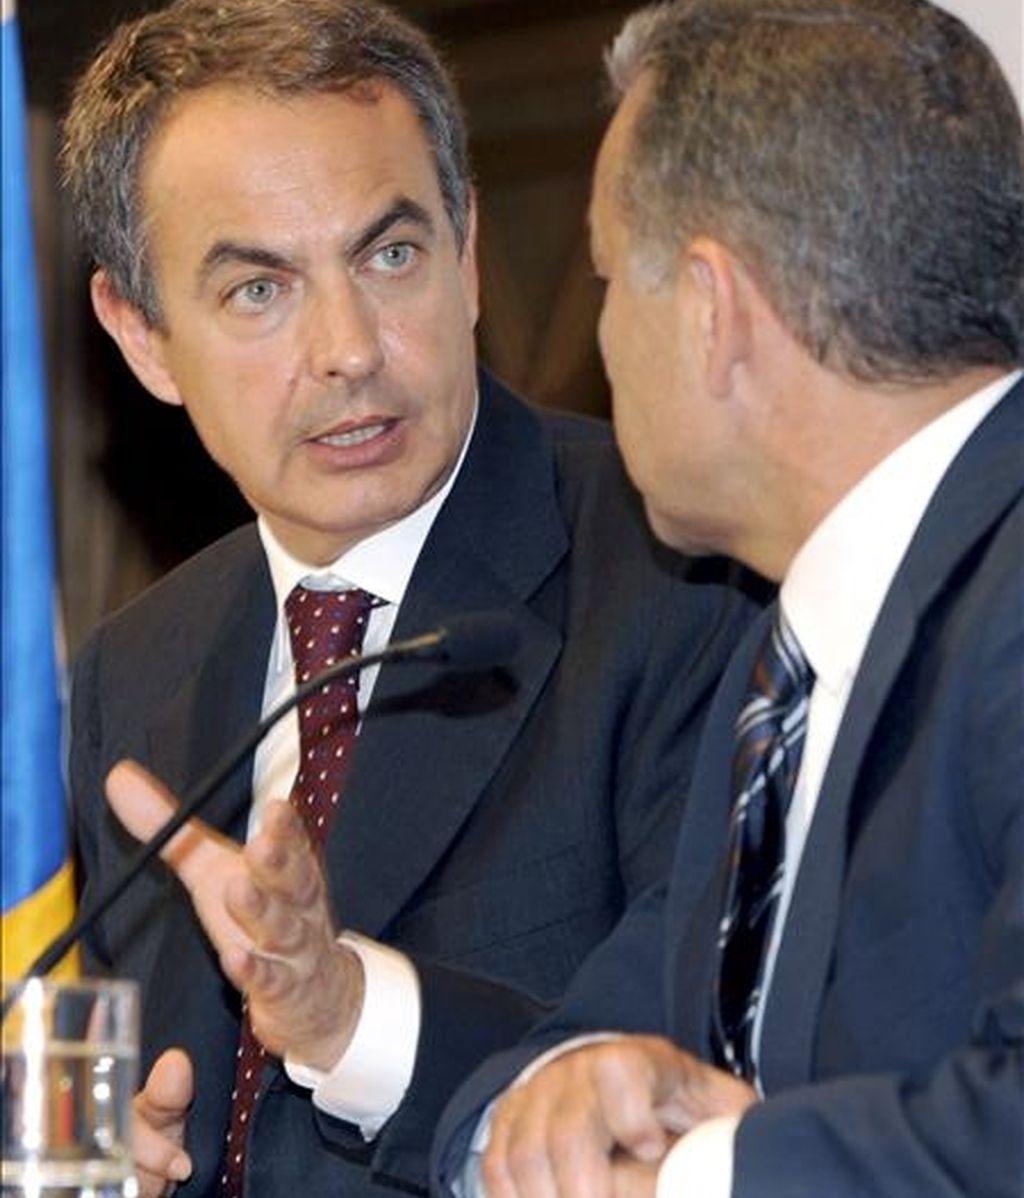 El presidente del Gobierno, José Luis Rodríguez Zapatero (i) y el presidente de Canarias, Paulino Rivero, durante la rueda de prensa que ofrecieron tras la reunión que mantuvieron hoy en la sede de la Presidencia del Ejecutivo regional en Las Palmas de Gran Canaria. EFE